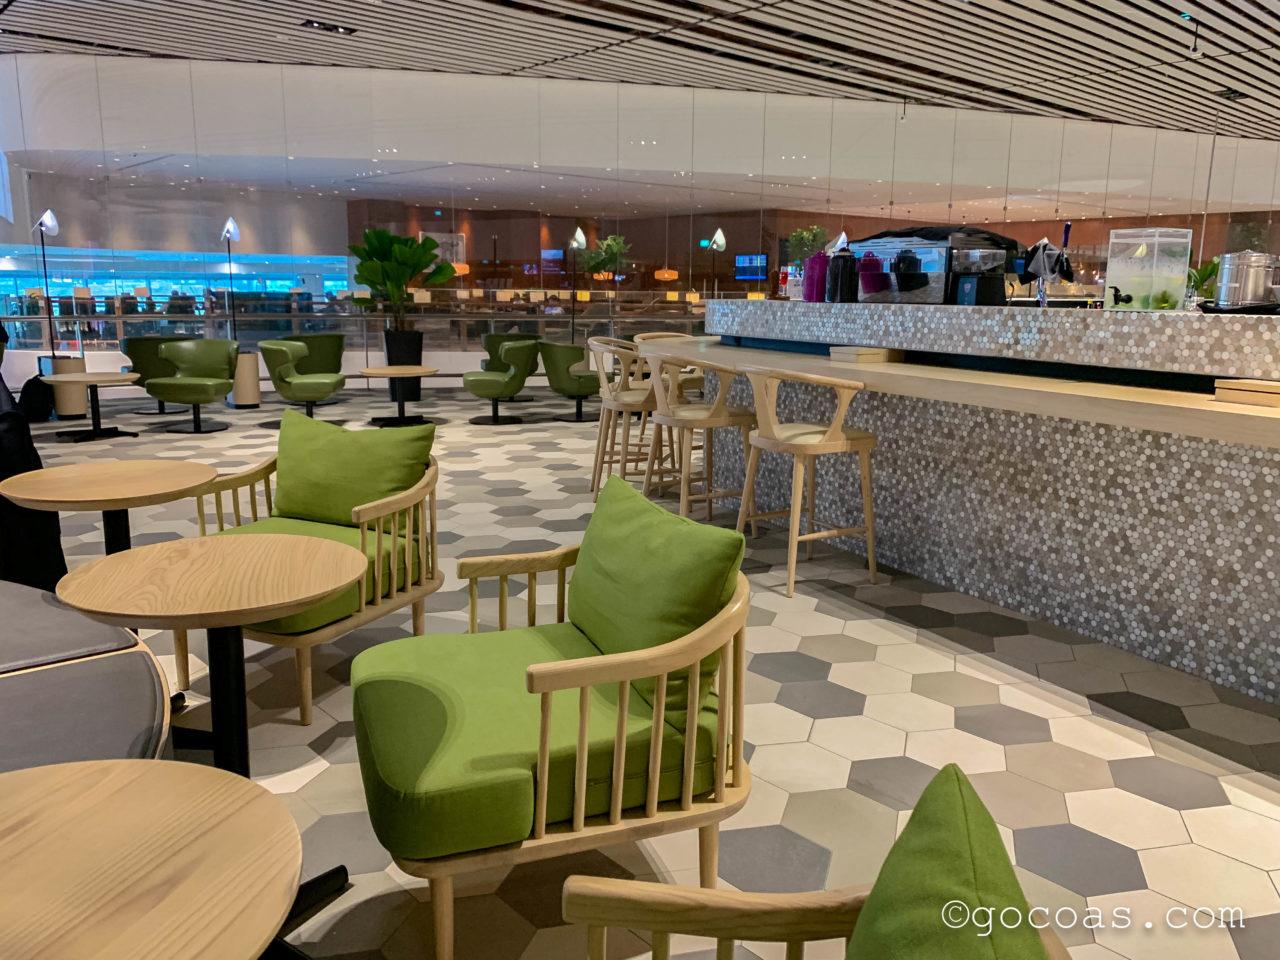 シンガポール・チャンギ国際空港内のBLOSSOM LOUNGEのテーブル席